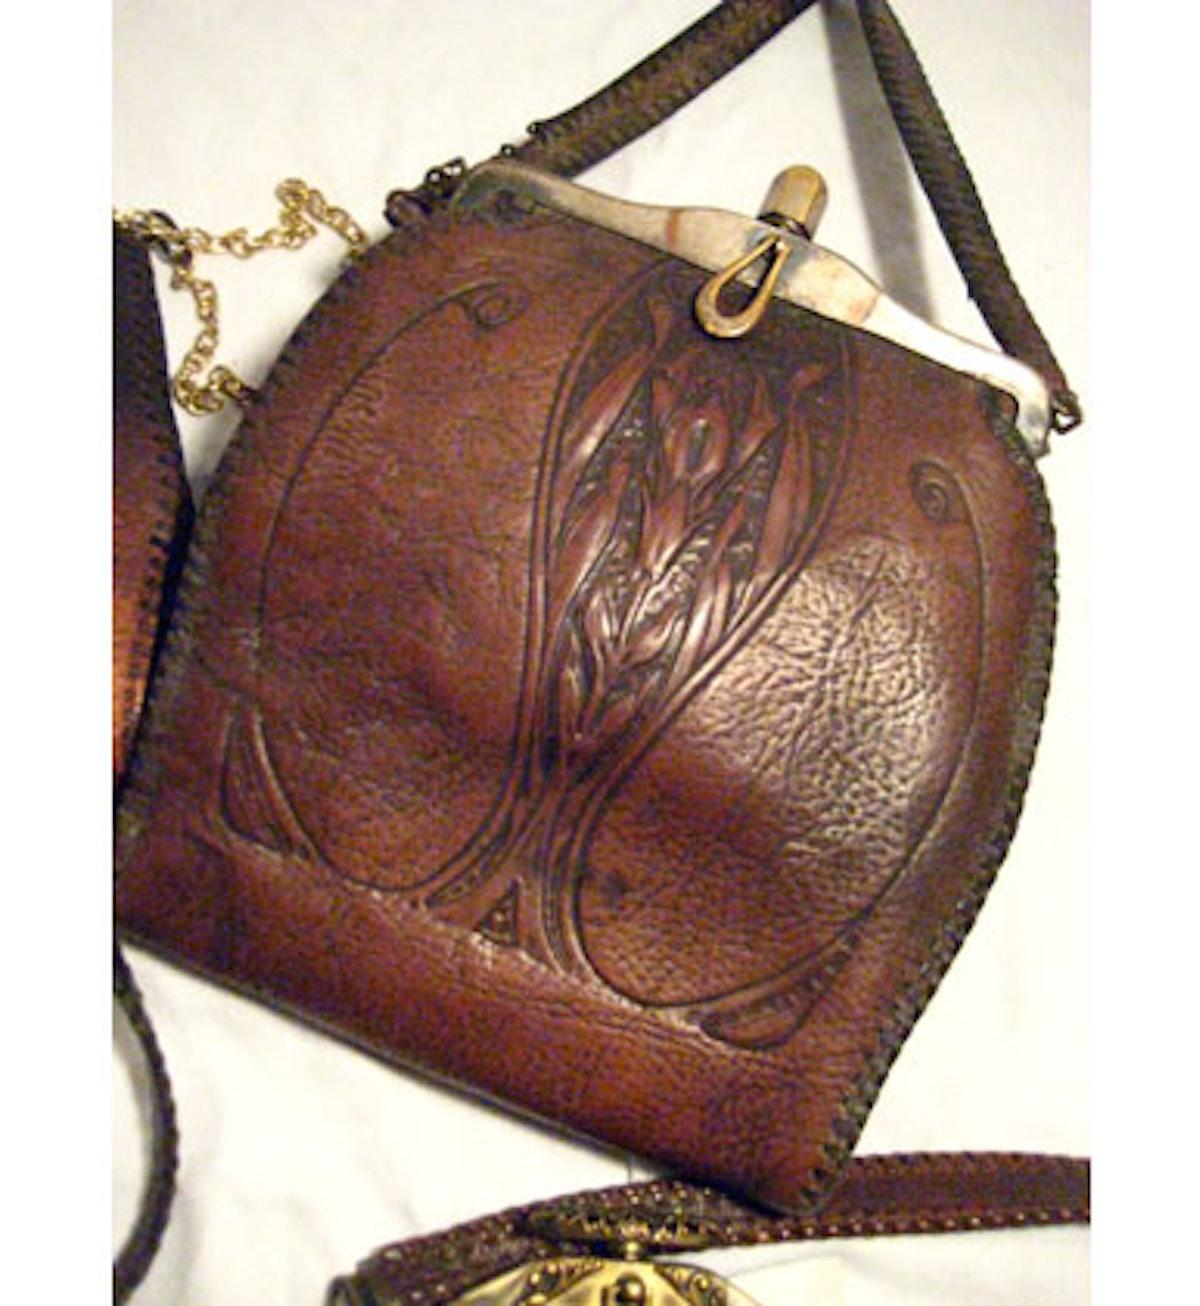 blog-olmstead-antiques-savannah-03.jpg